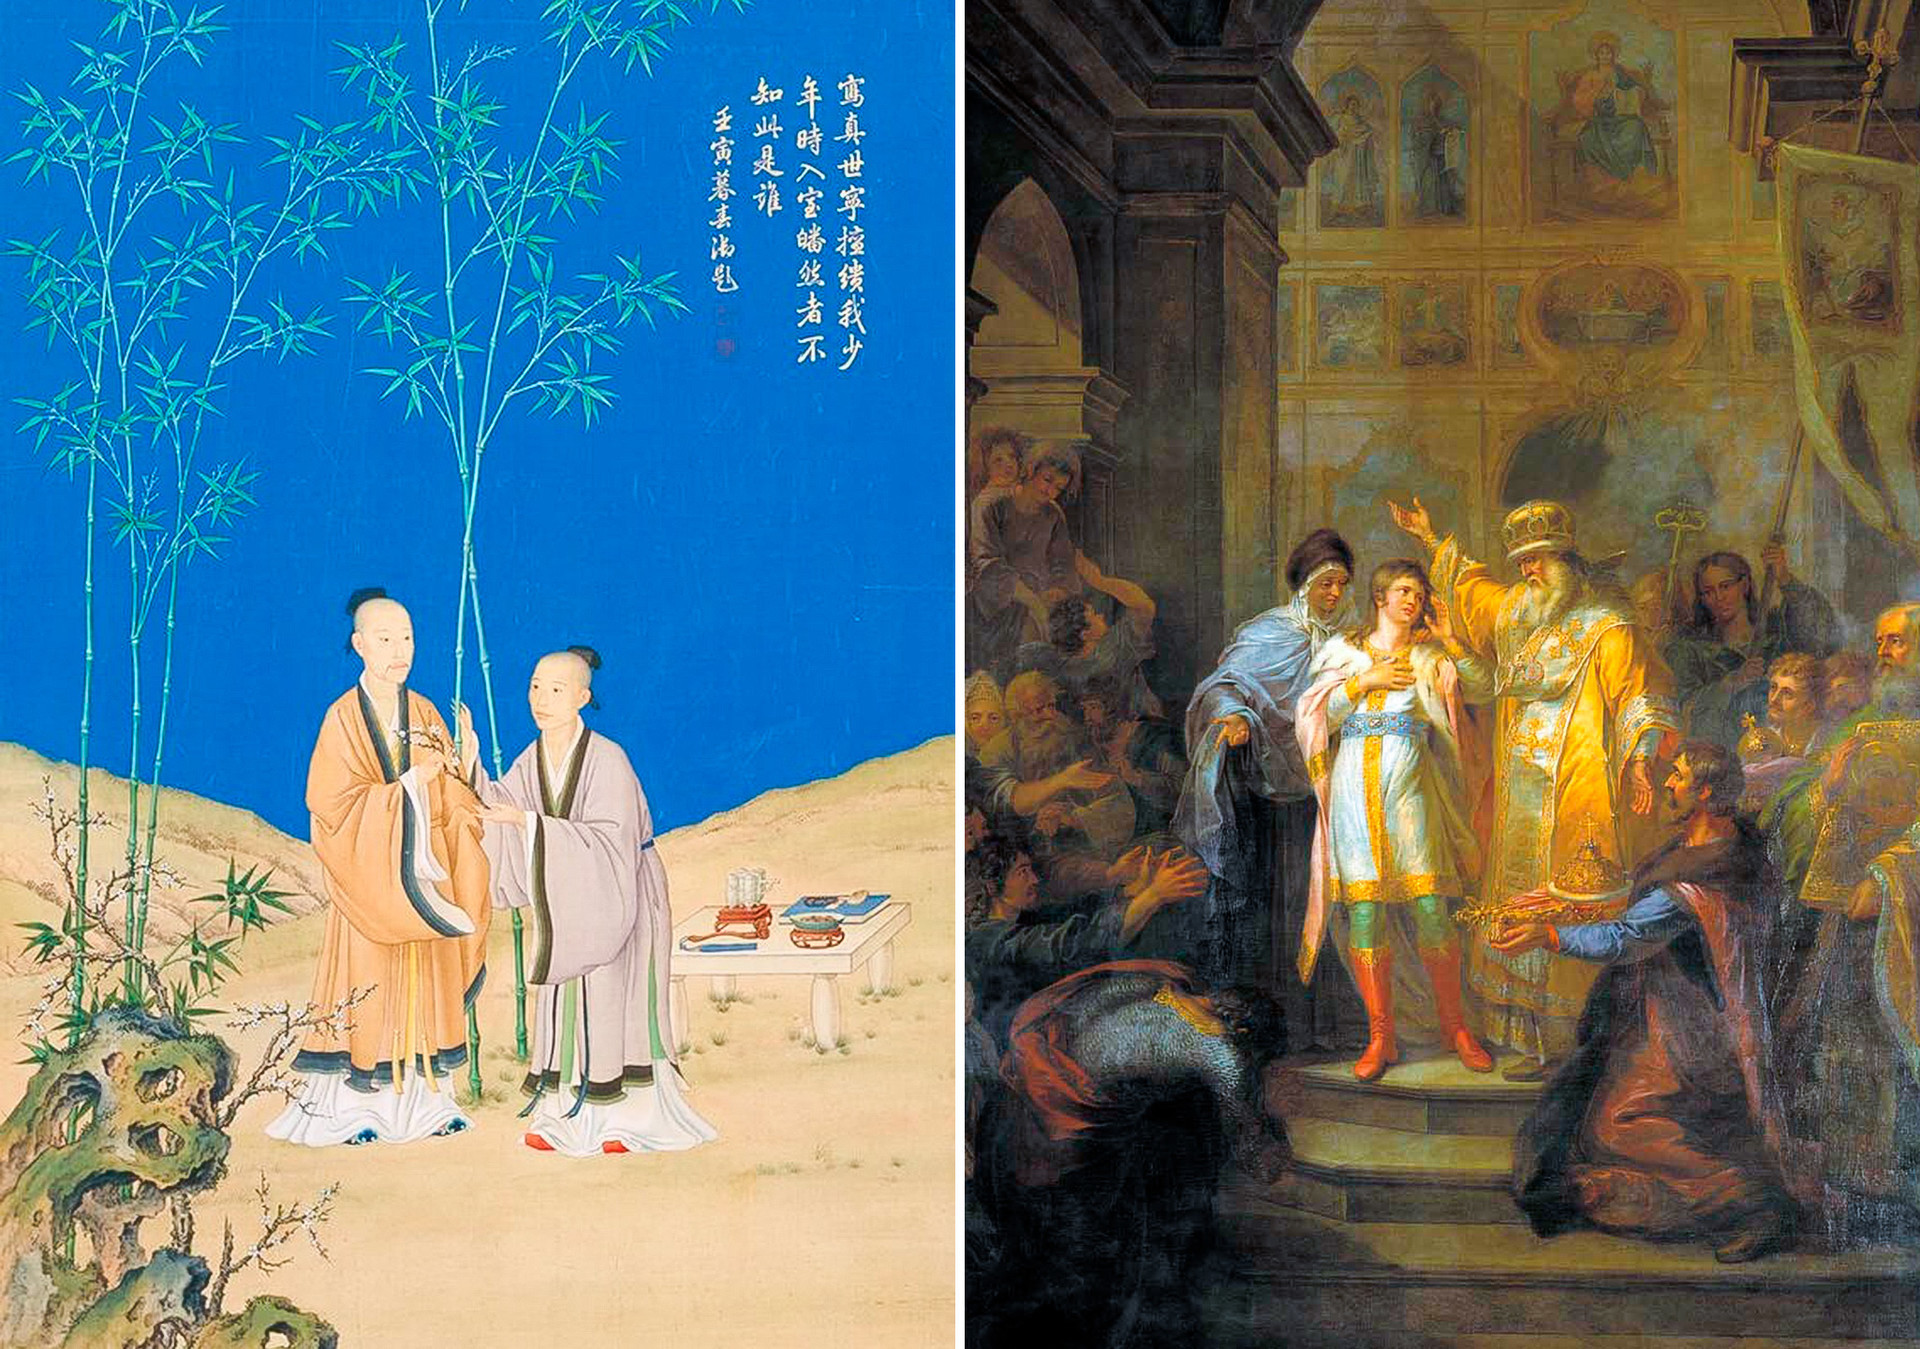 Лево: Порака за мирна пролет, Џузепе Кастиљоне. Династија Ќинг, владеење на Чиенлинг (1736-1796). Десно: Изборот на Михаил Фјодорович за руски цар на 14 март 1613 година.